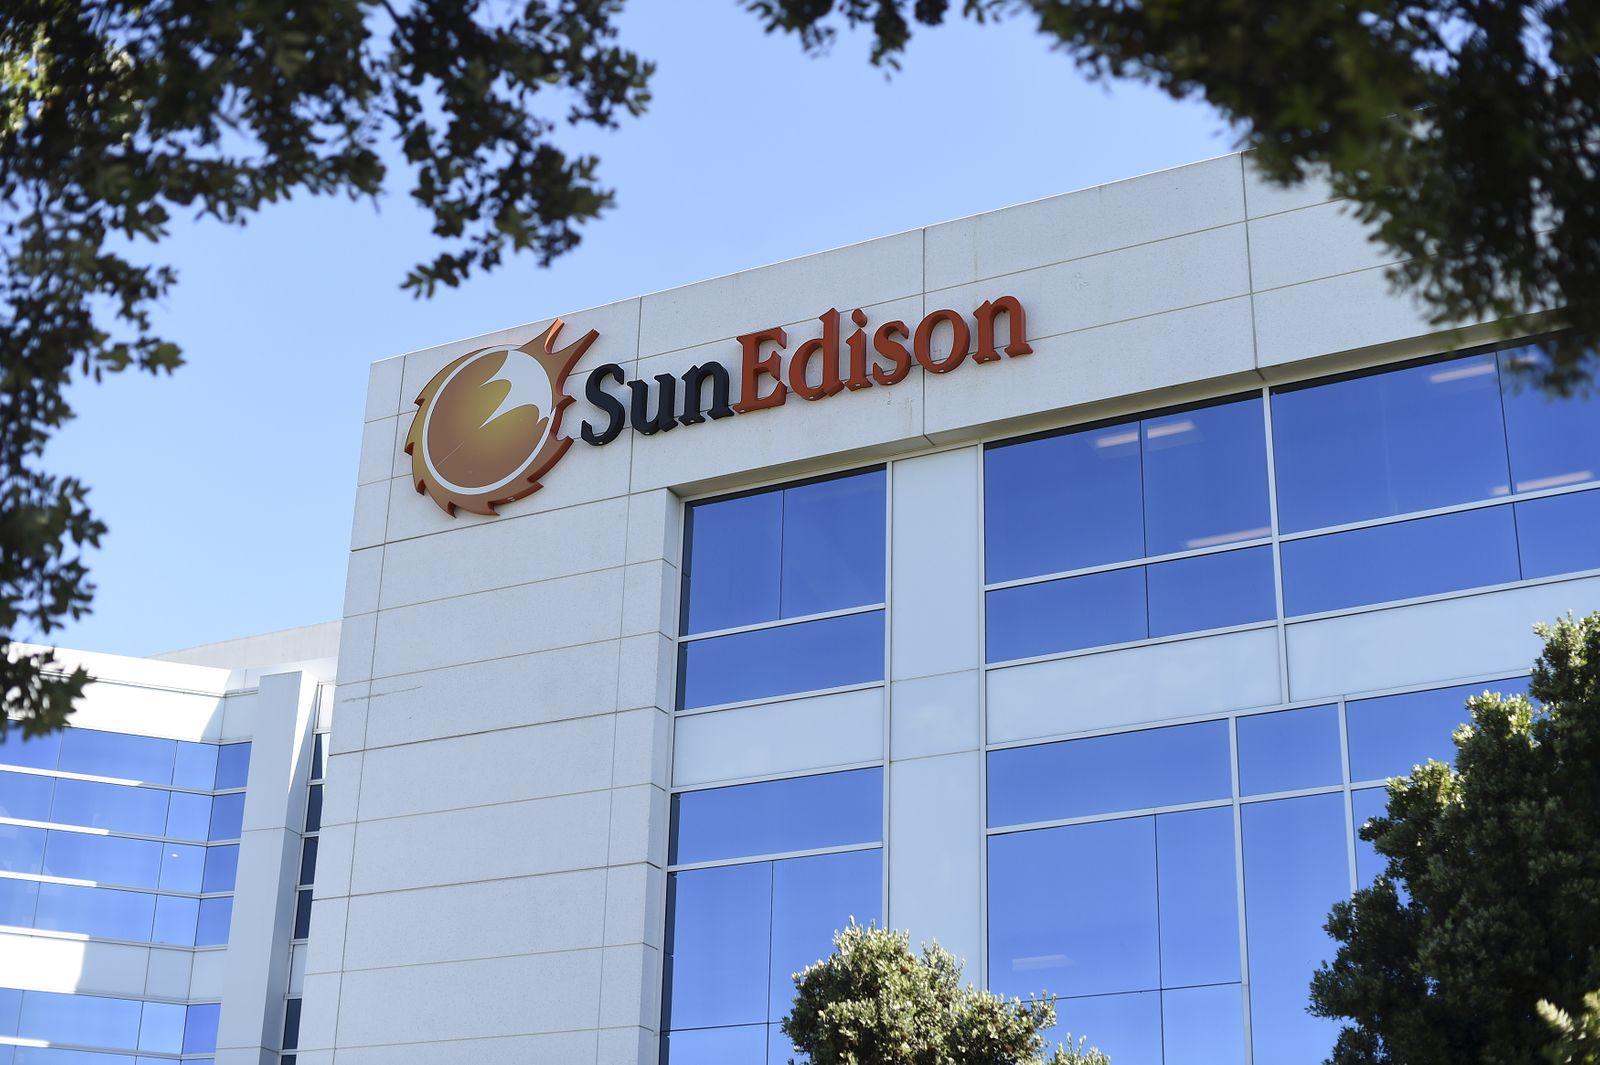 SunEdison / headquarter